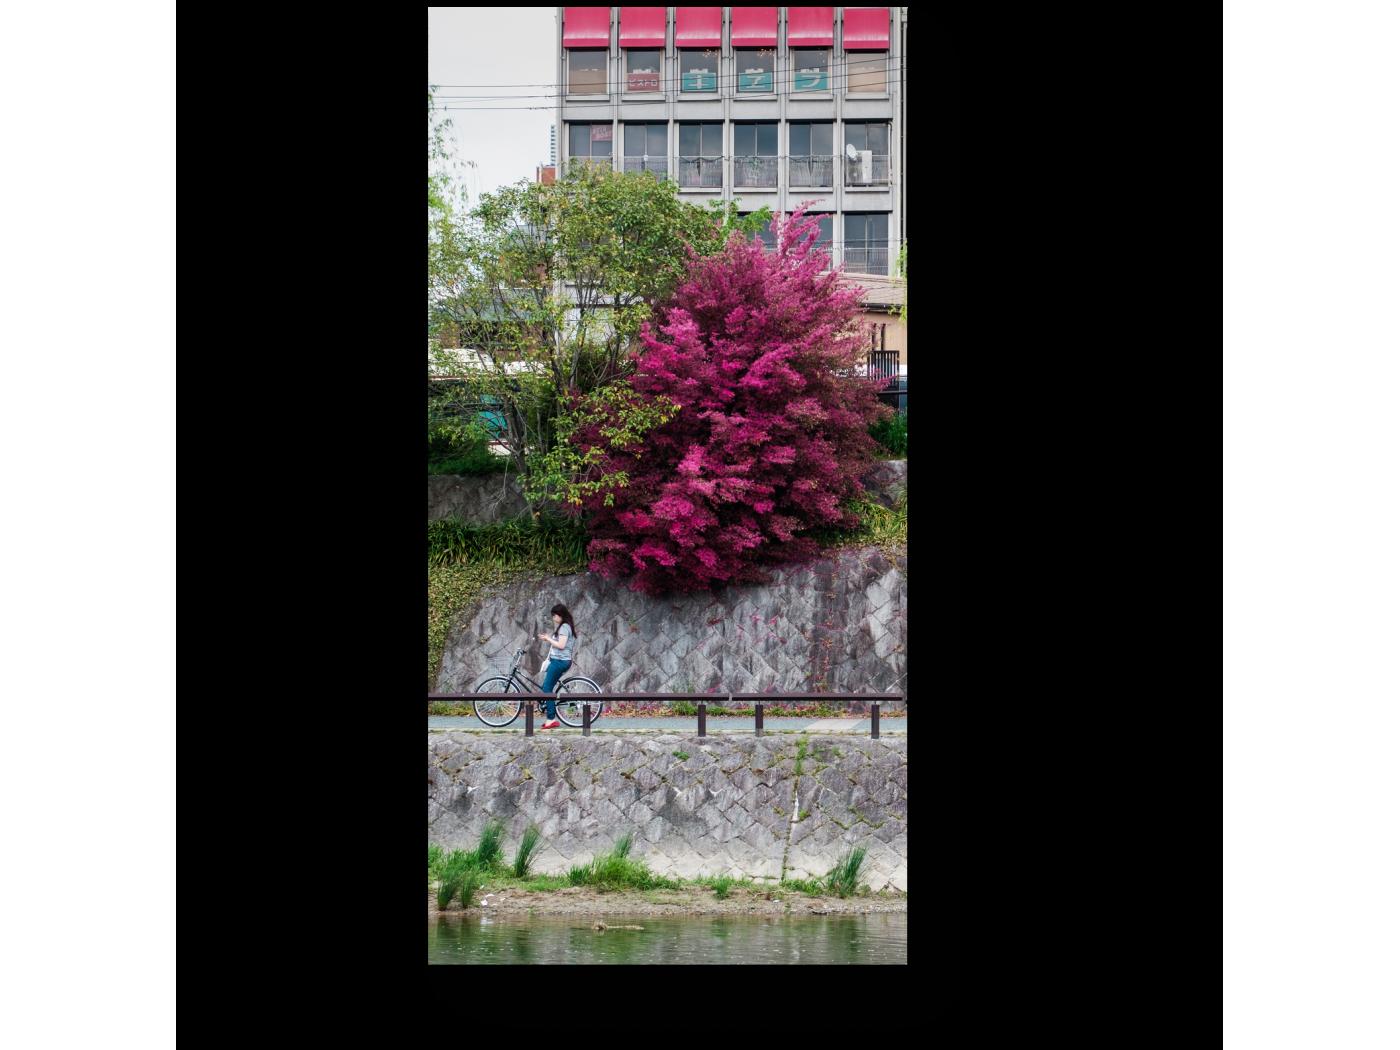 Модульная картина На набережной реки Камо, Киото (20x40) фото